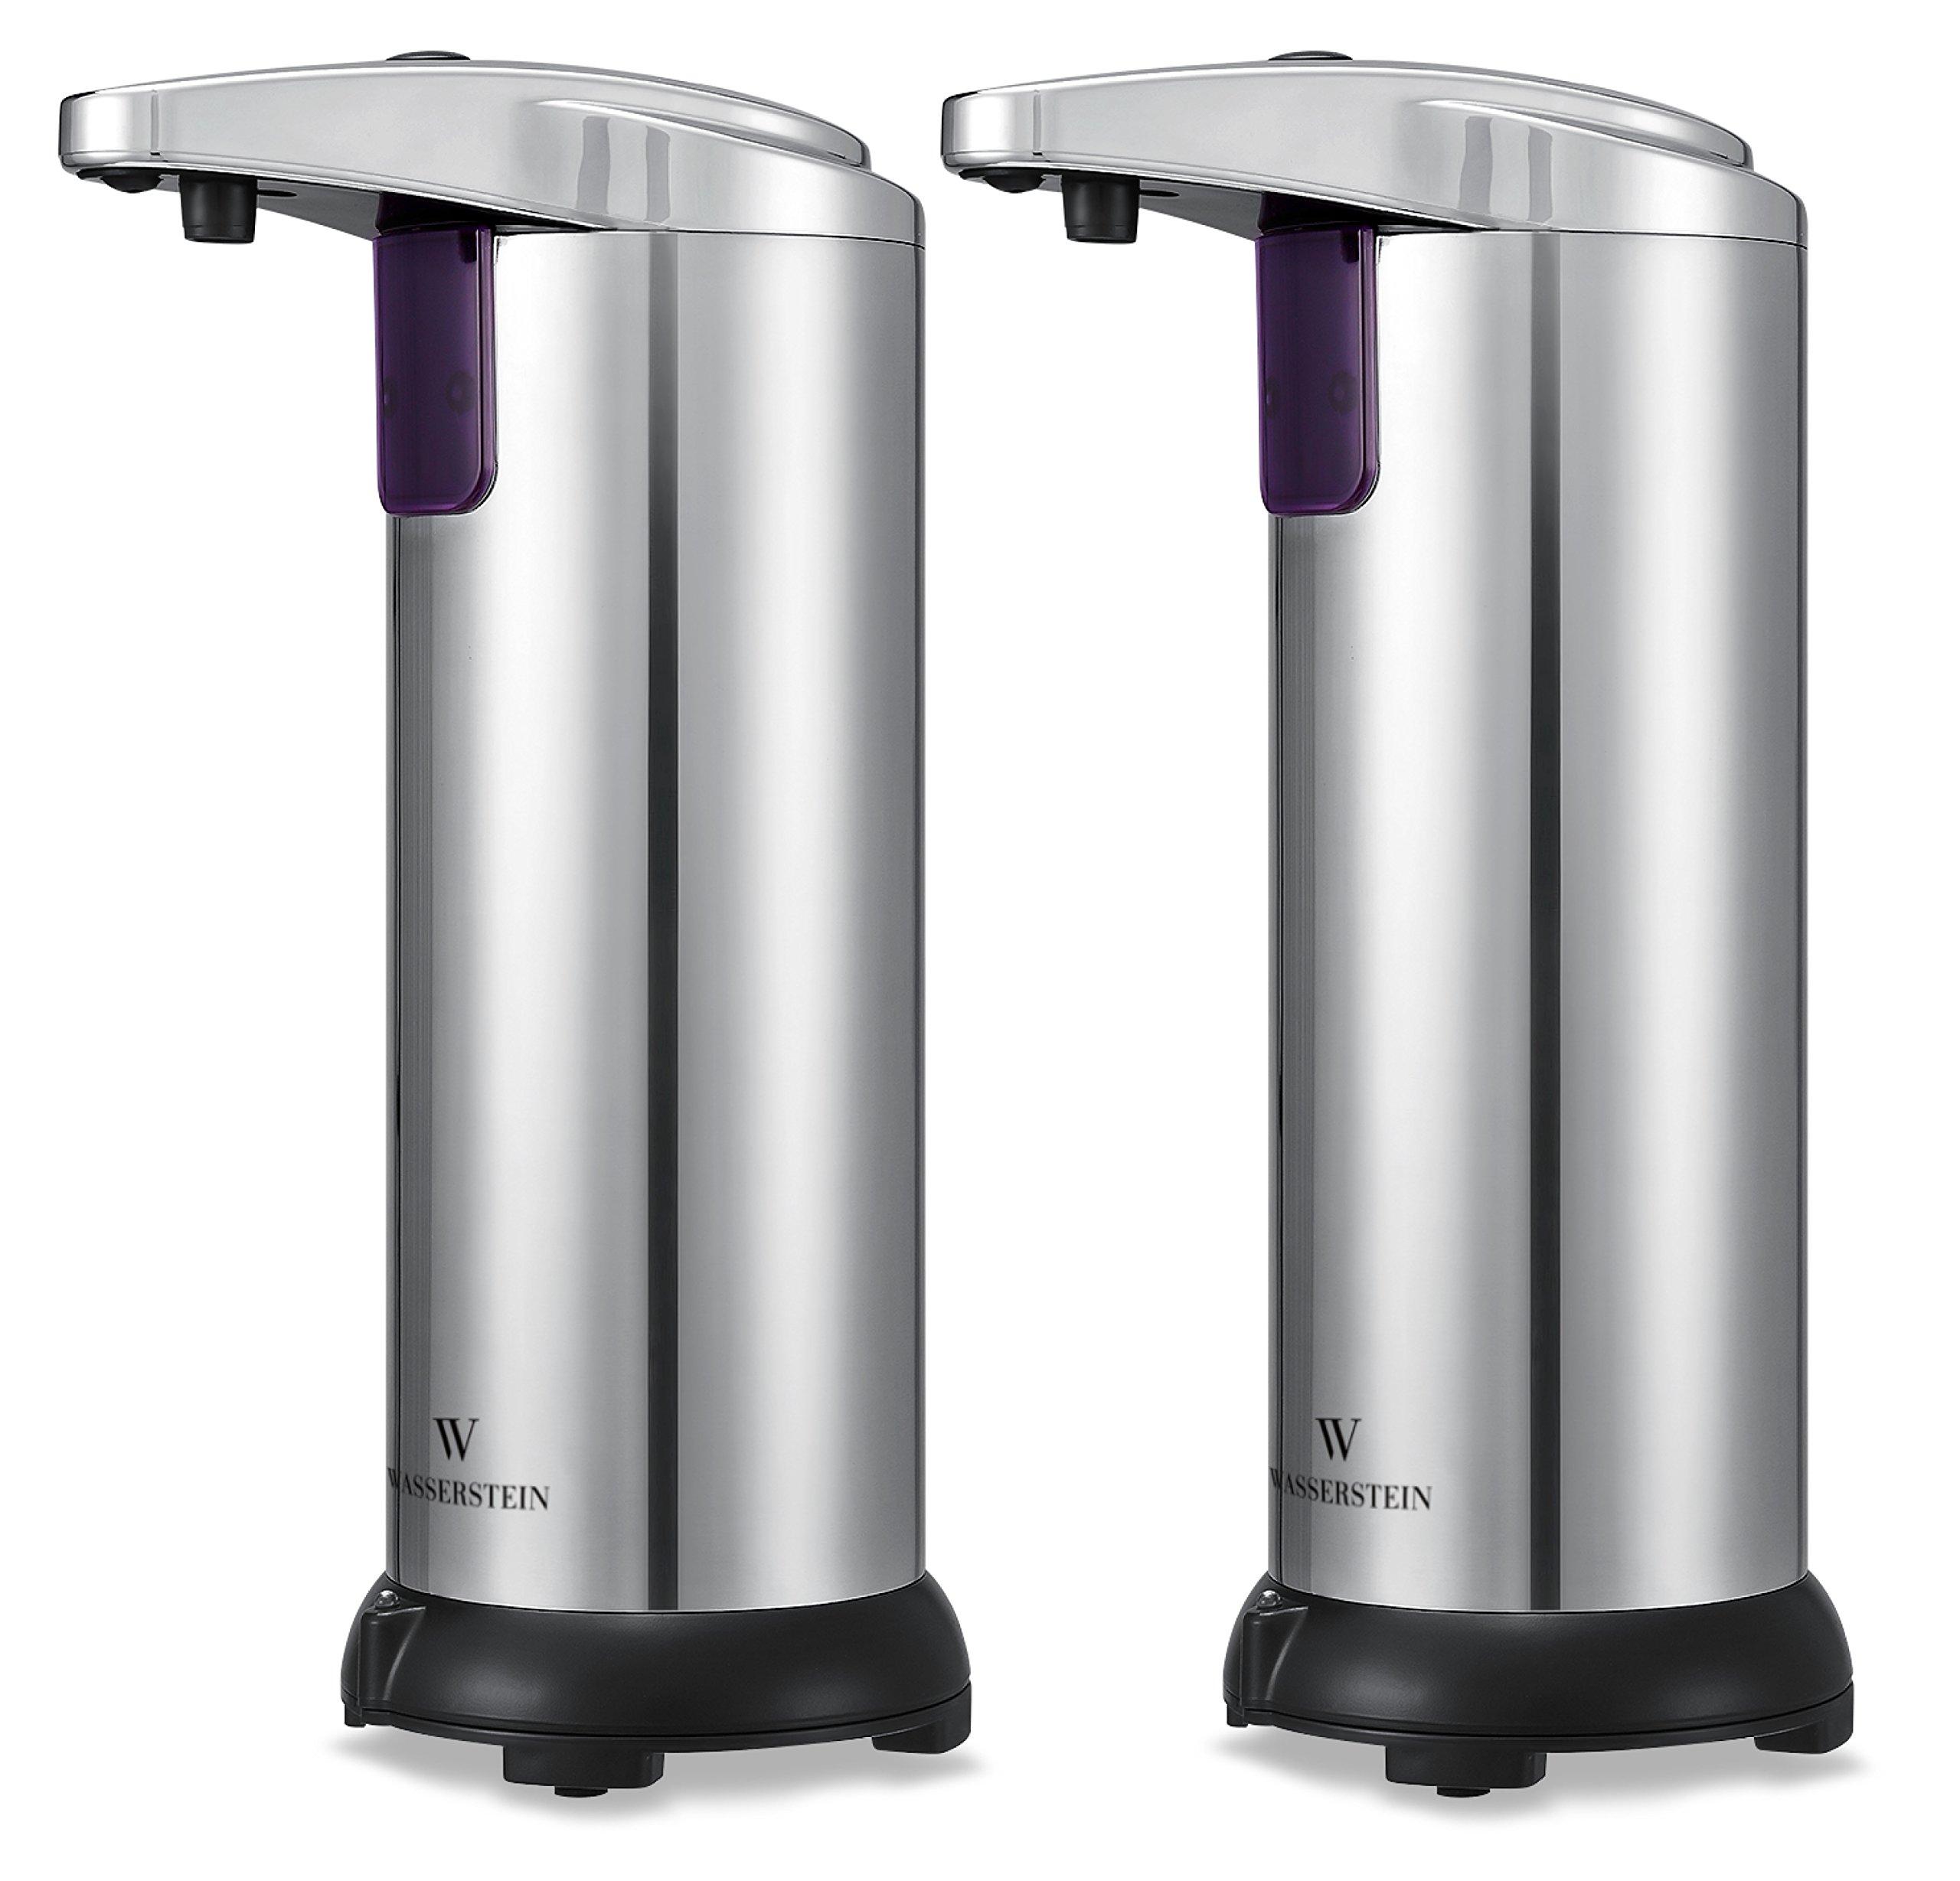 Wasserstein Seifenspender mit Infrarot-Sensor - aus Edelstahl und  wasserbeständig, EIN Basic für Bad und Küche, enthält Silikon-Trichter zur